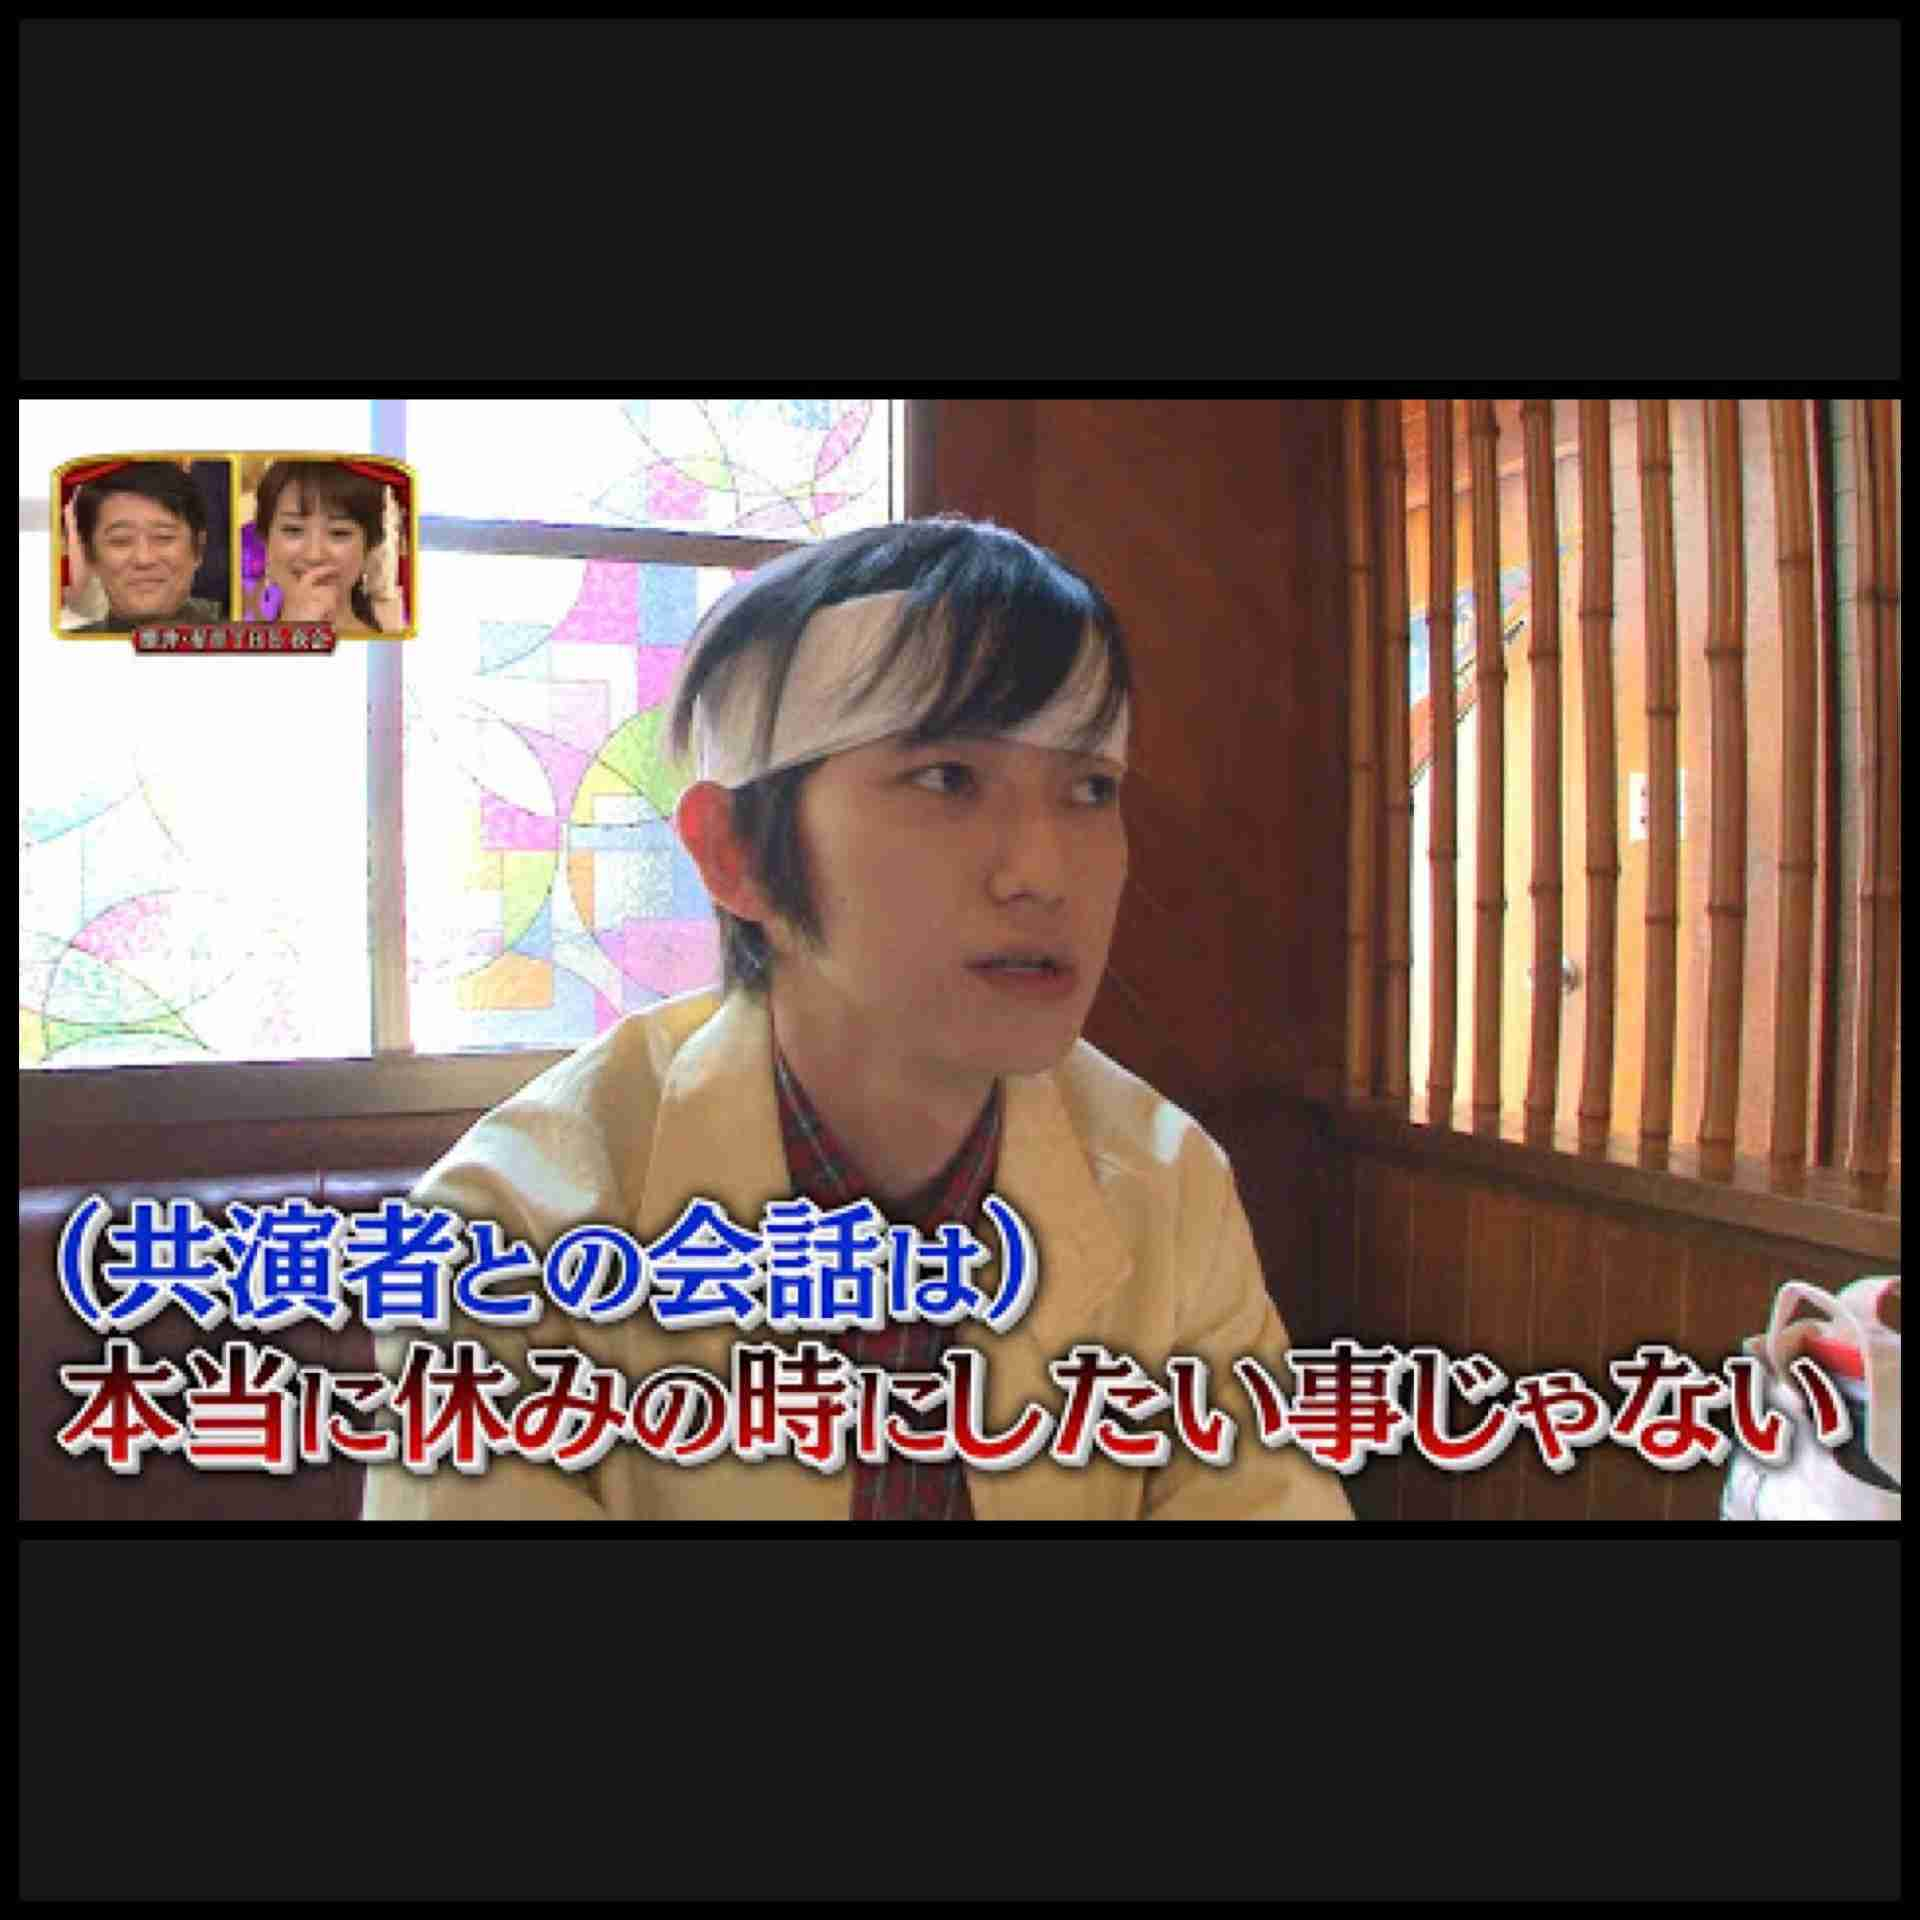 本郷奏多 主演ドラマ現場でハブられ…櫻井、井戸田も同情「これはつらい」